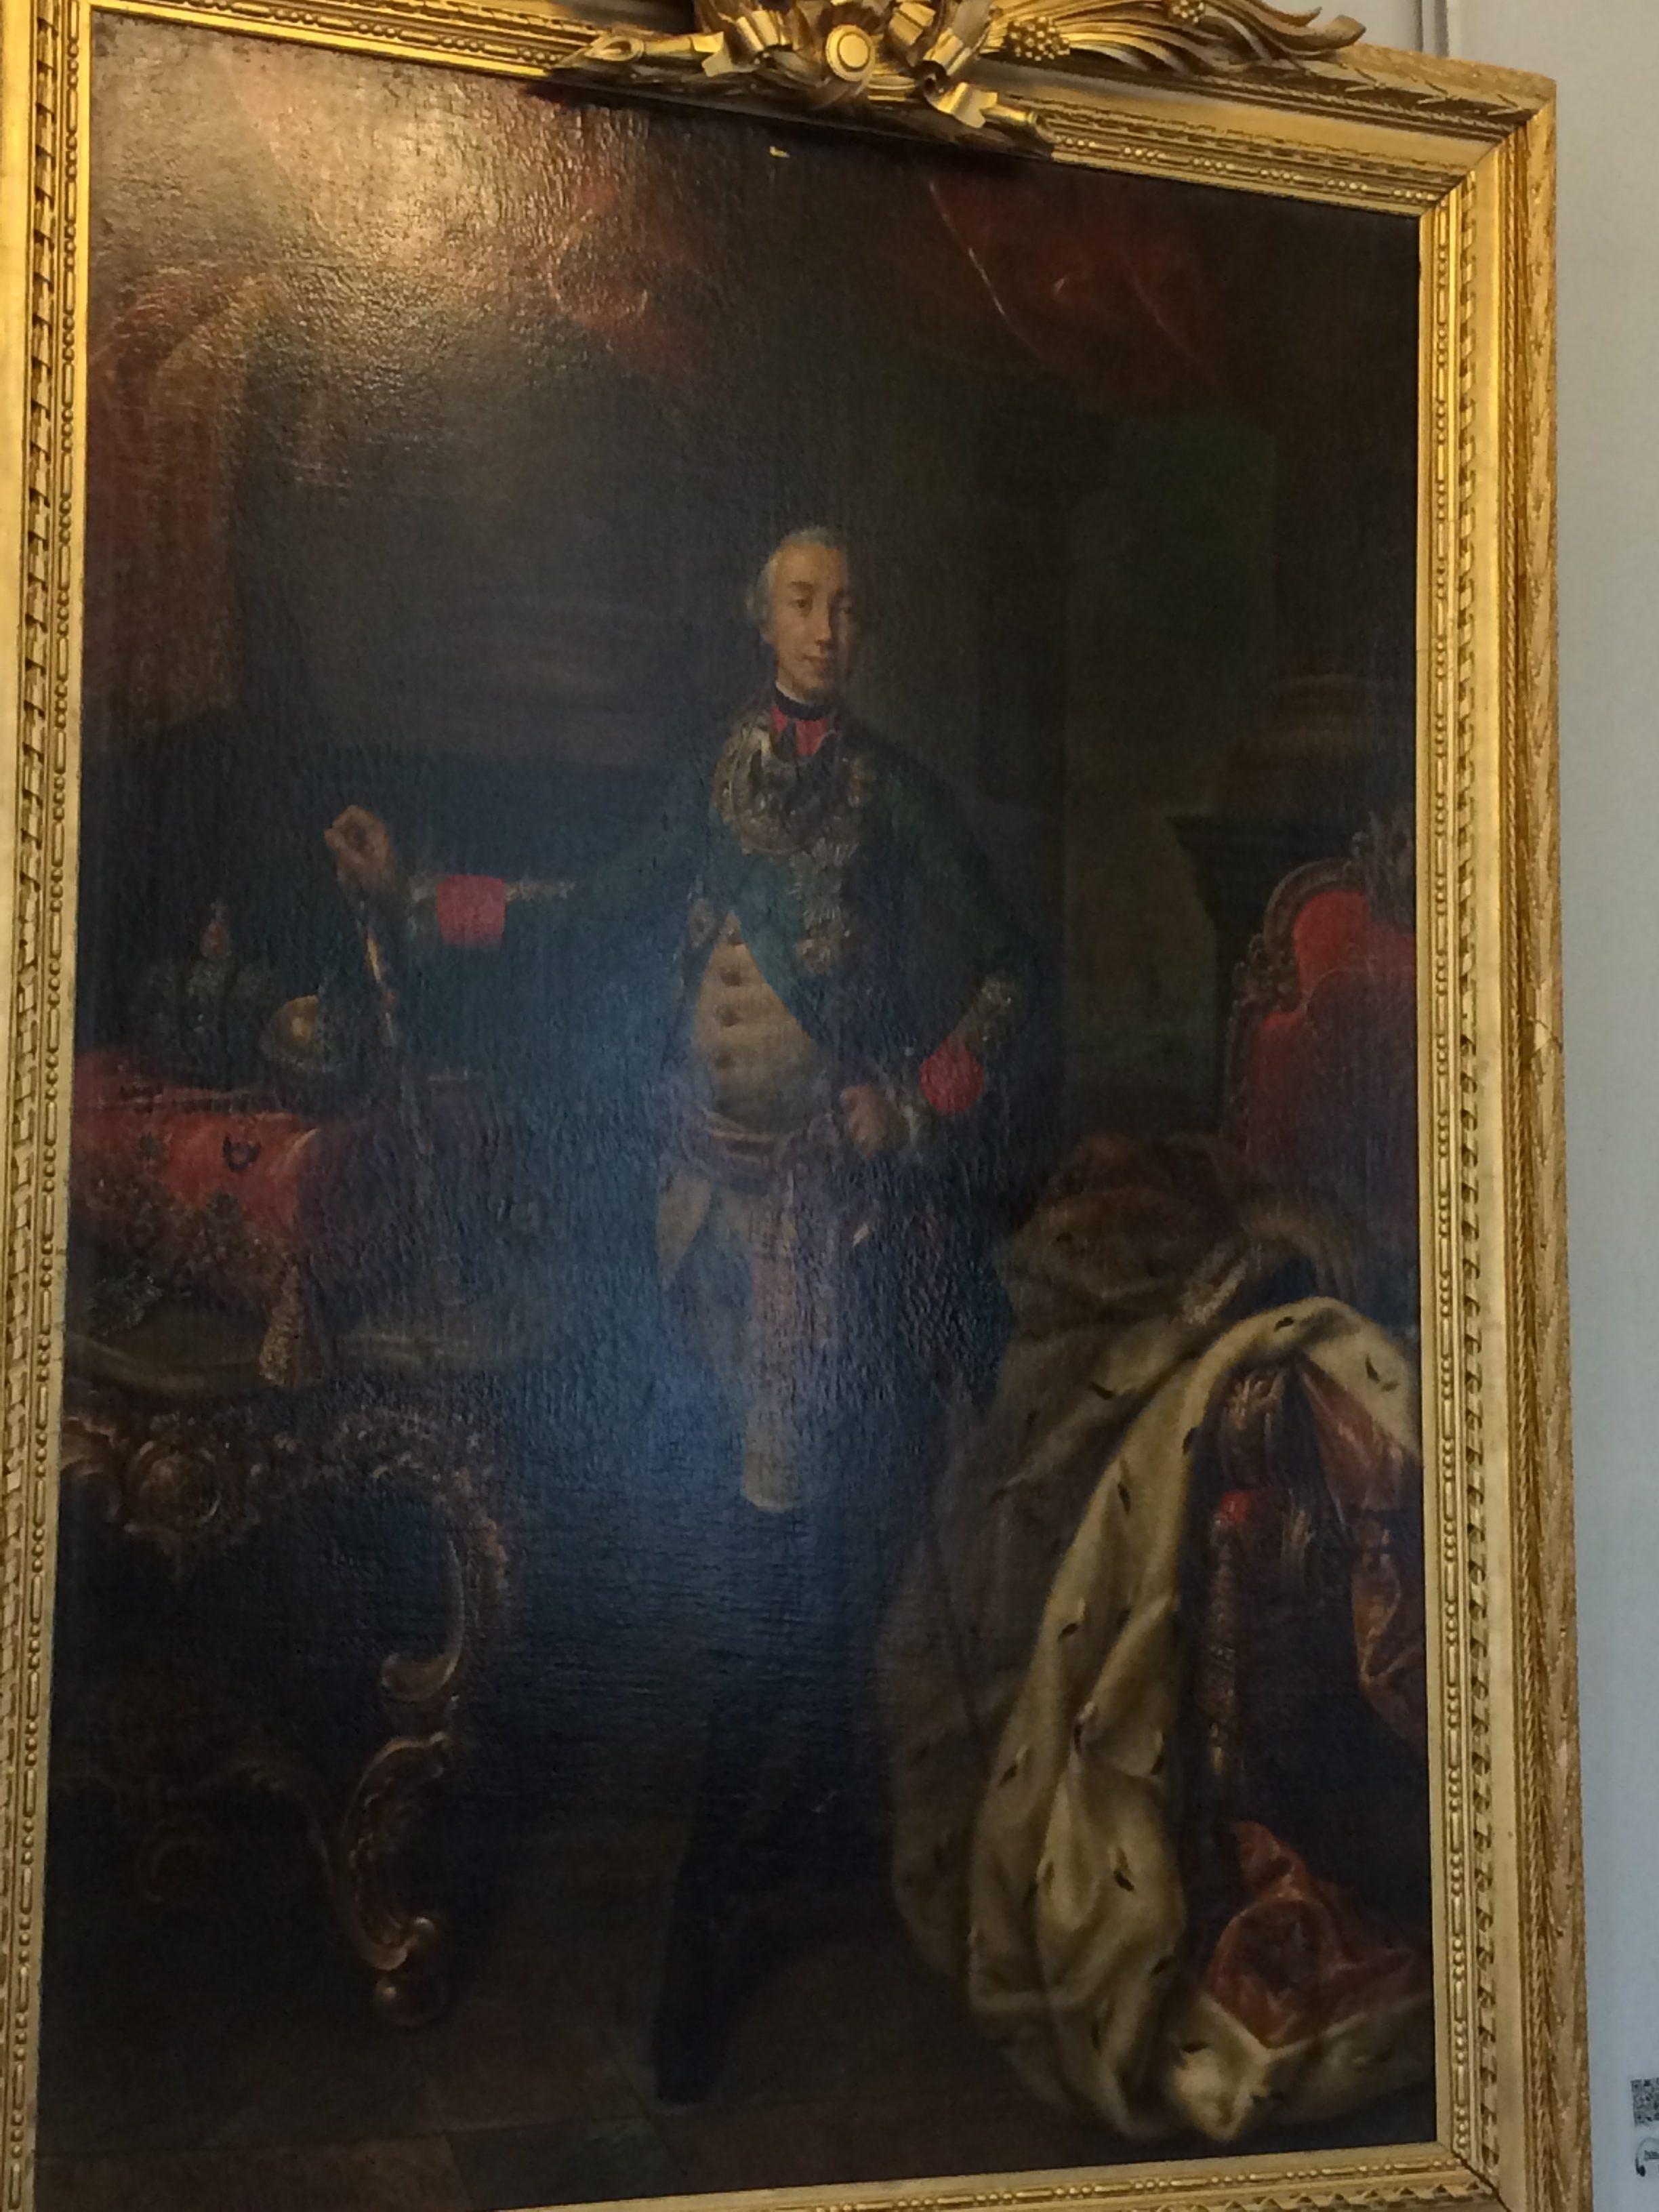 ピョートル三世の全身肖像画